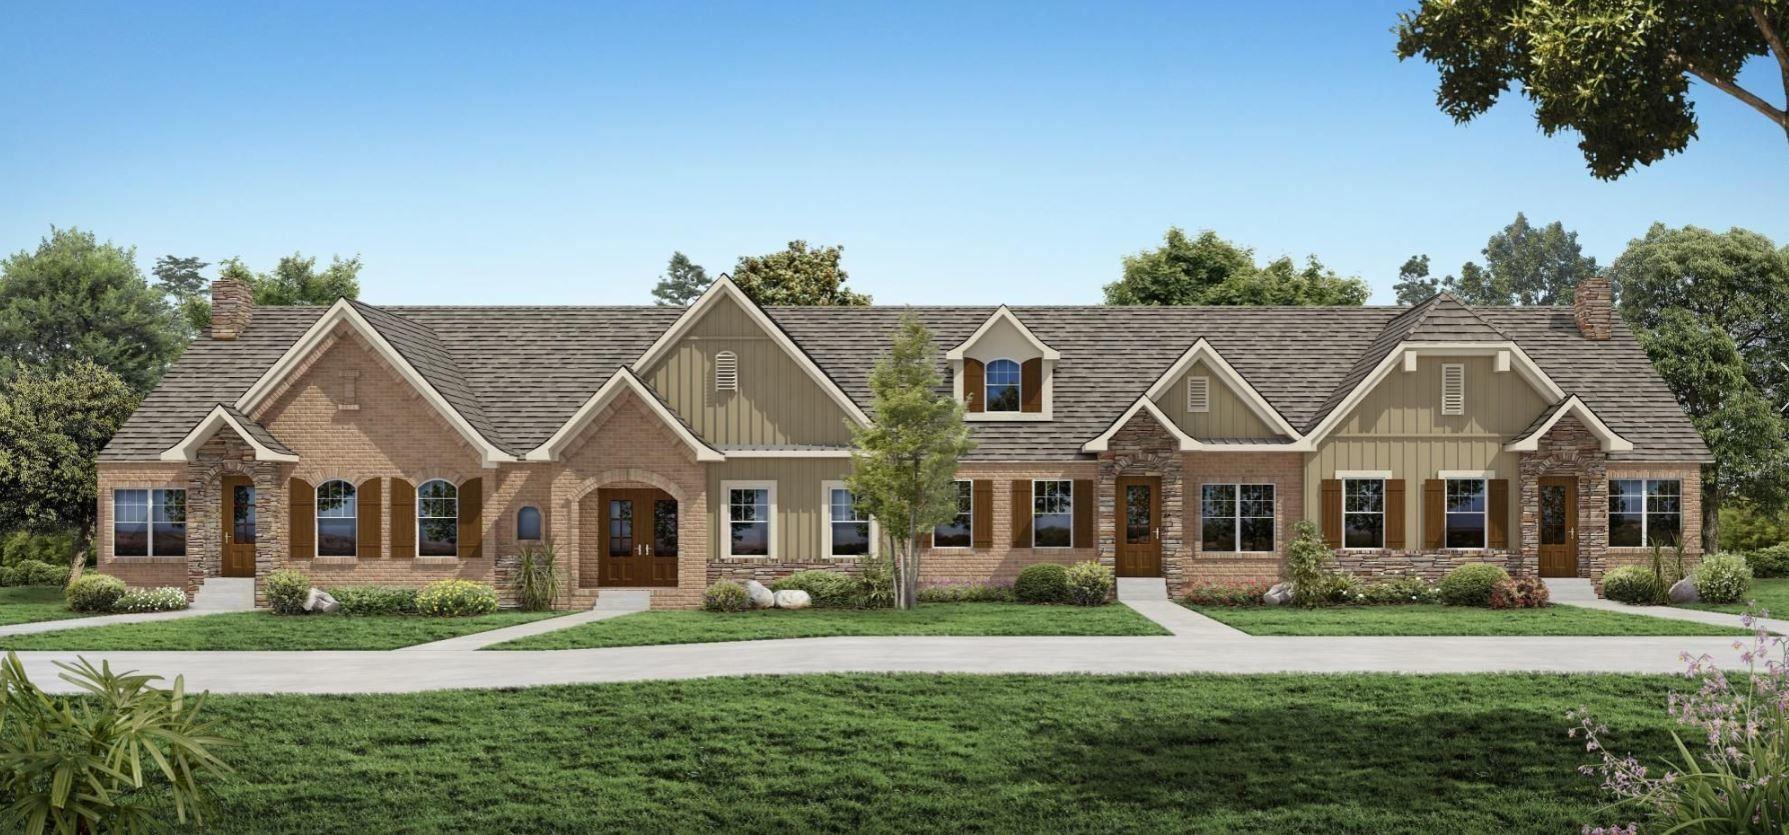 Photo of 123 E Groves Park Blvd, Oak Ridge, TN 37830 (MLS # 1148099)